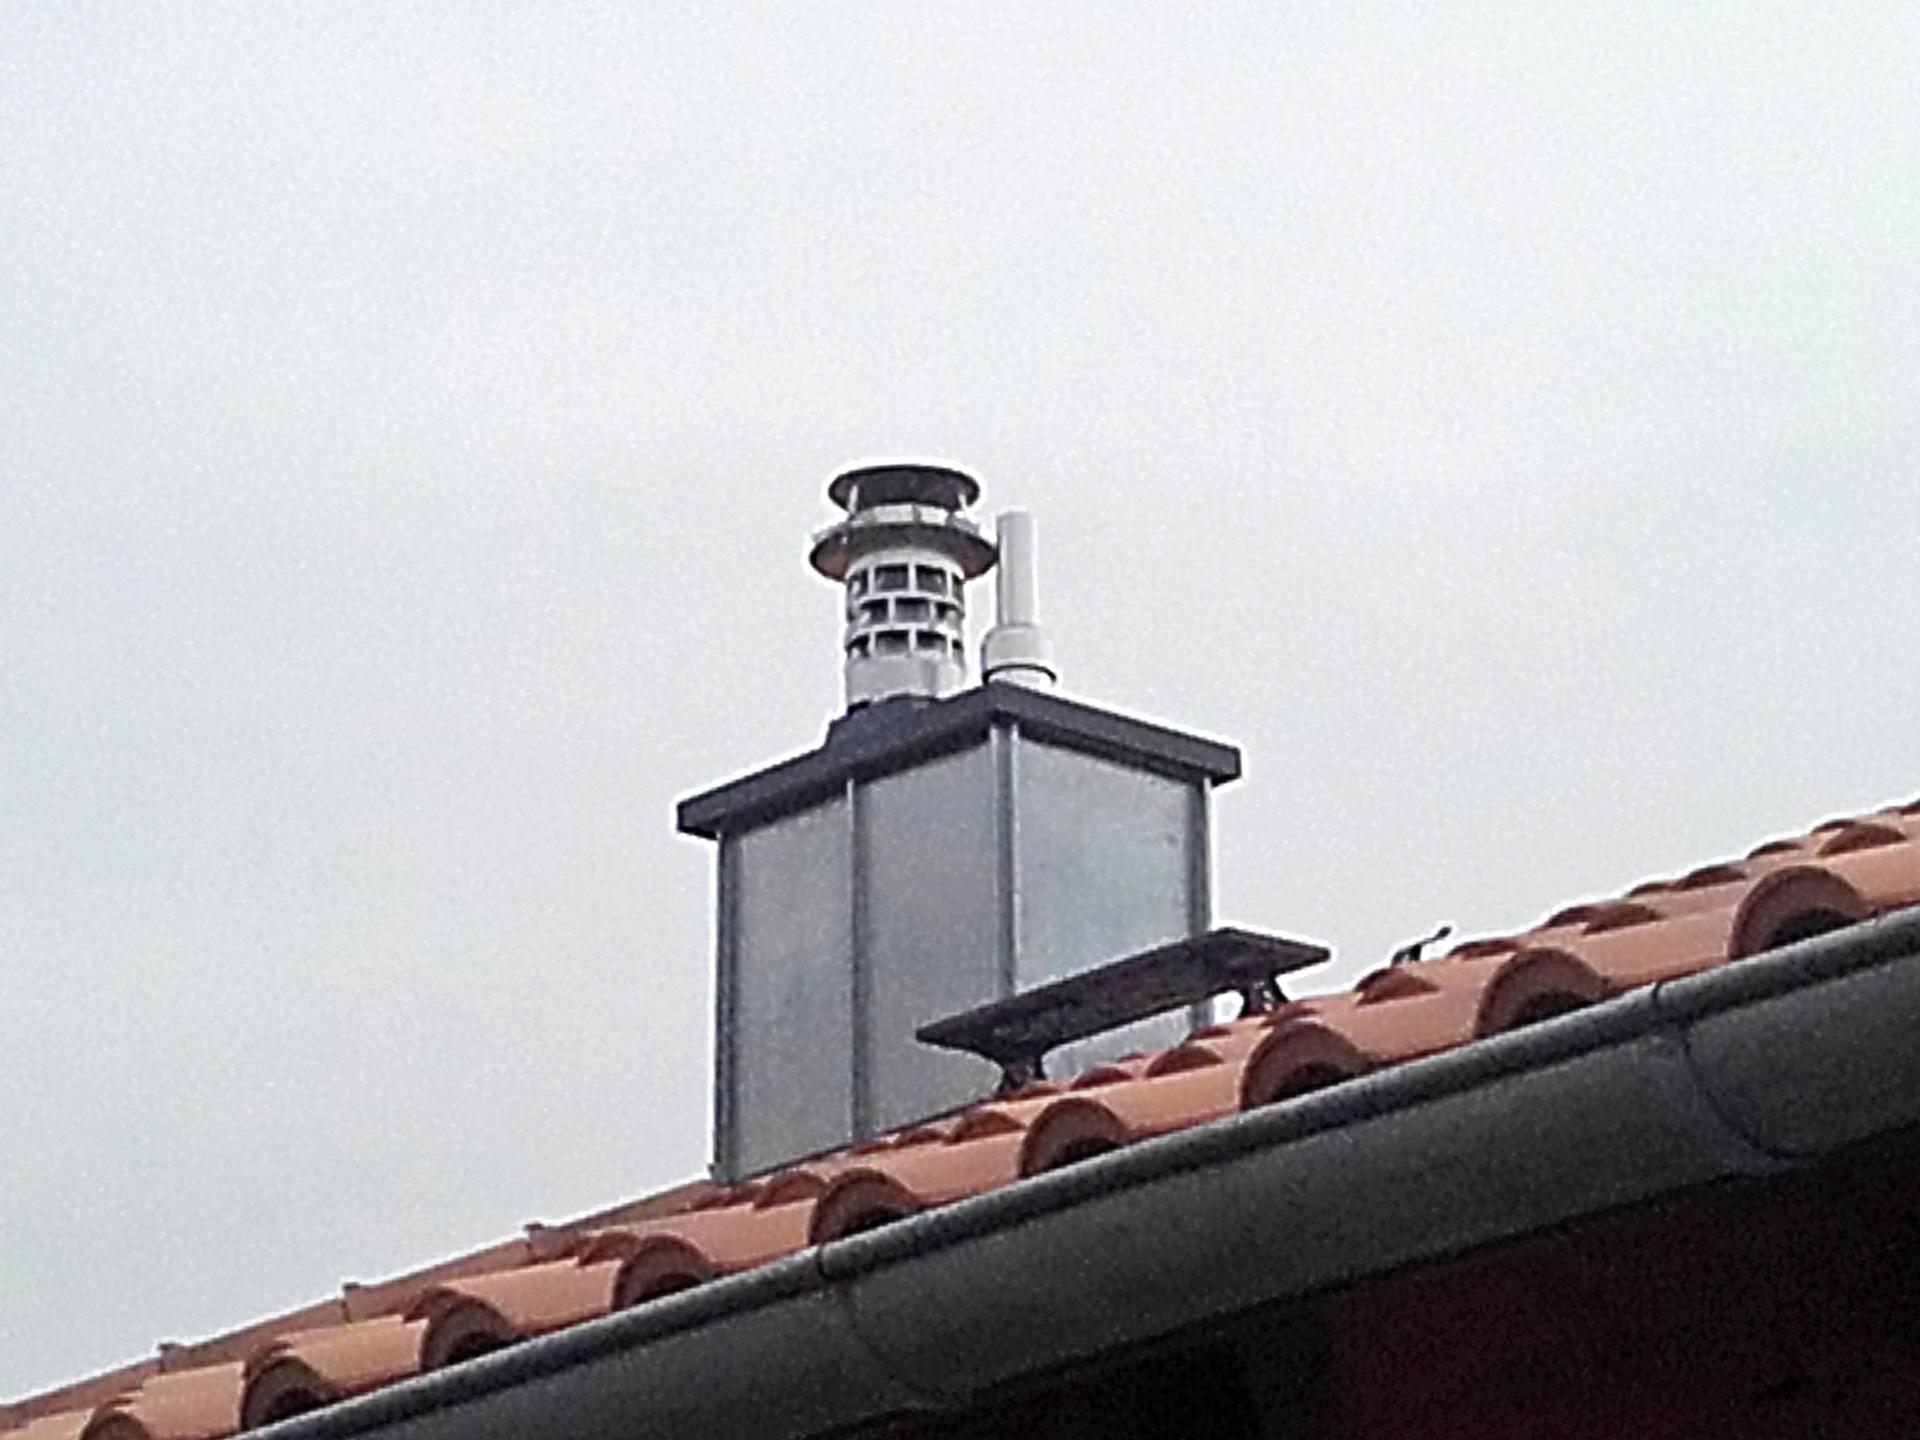 Referenz Schornsteinbau, Bild 0020